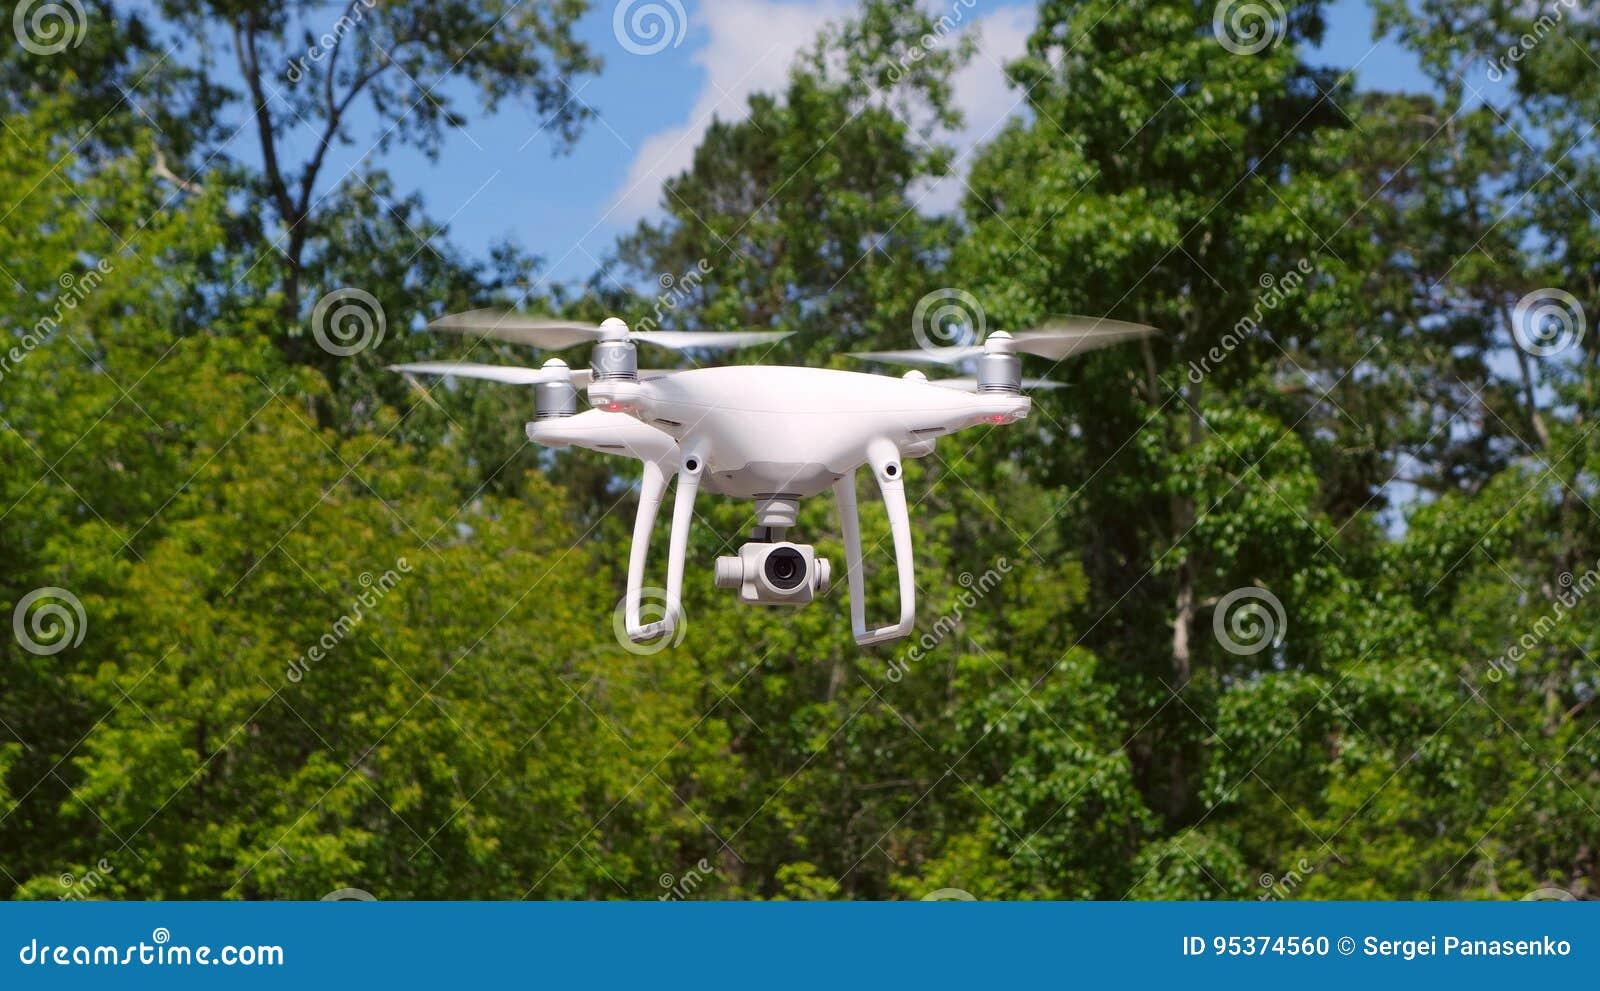 Quadrocopter-Brummen mit der Kamera Modernes RC-Brummen Hubschrauberfliegen gegen Grün unscharfen Hintergrund